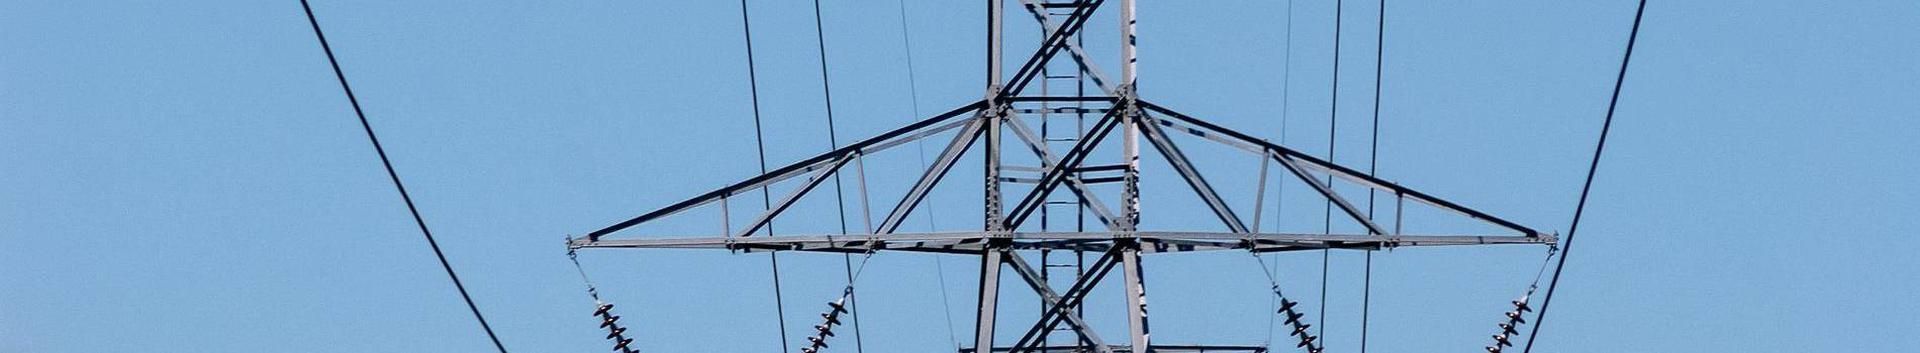 42221_elektri-ja-sidevorkude-ehitus_48335242_xl.jpg